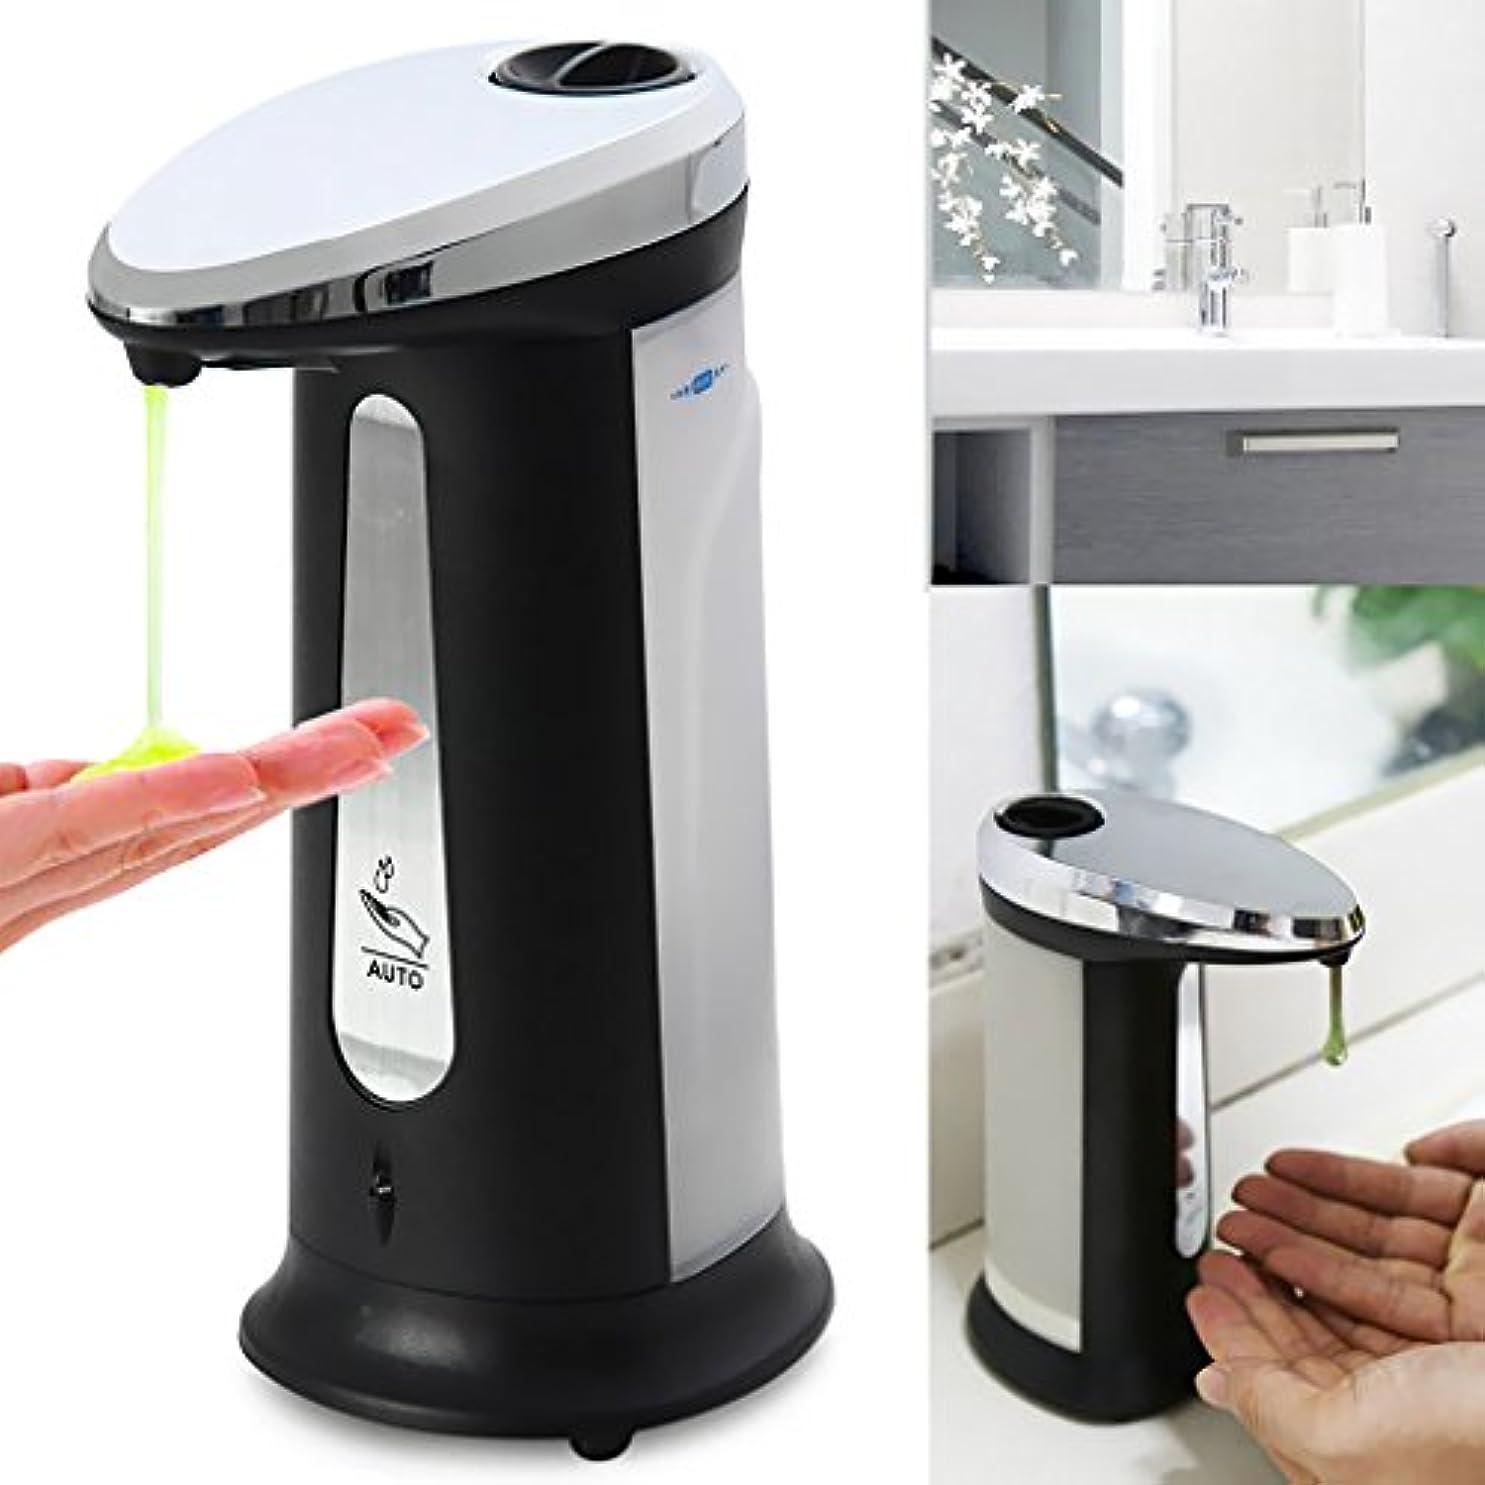 プット少なくともステートメント人感センサー ディスペンサー 400ml ソープ シャンプー 交叉感染予防 自動